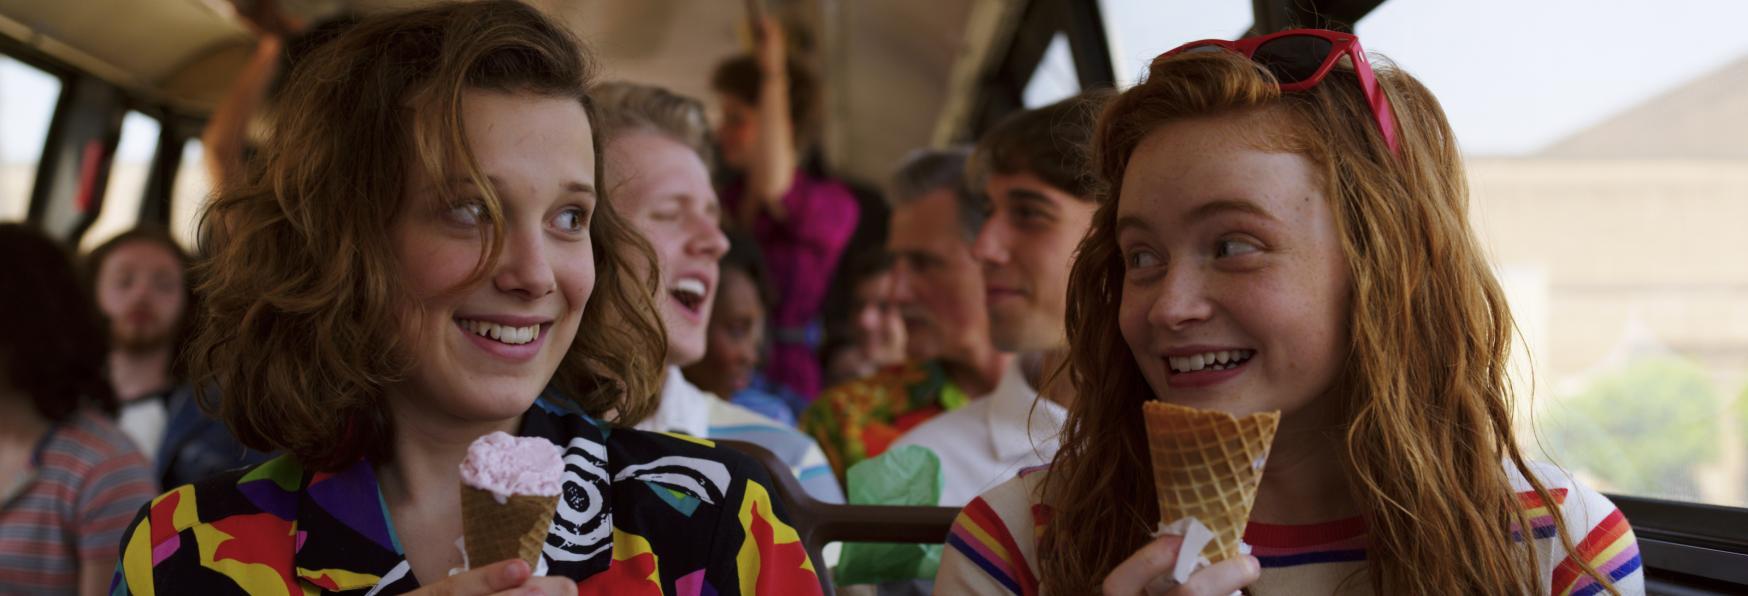 Stranger Things 4: nuove Anticipazioni da una star della Serie TV targata Netflix